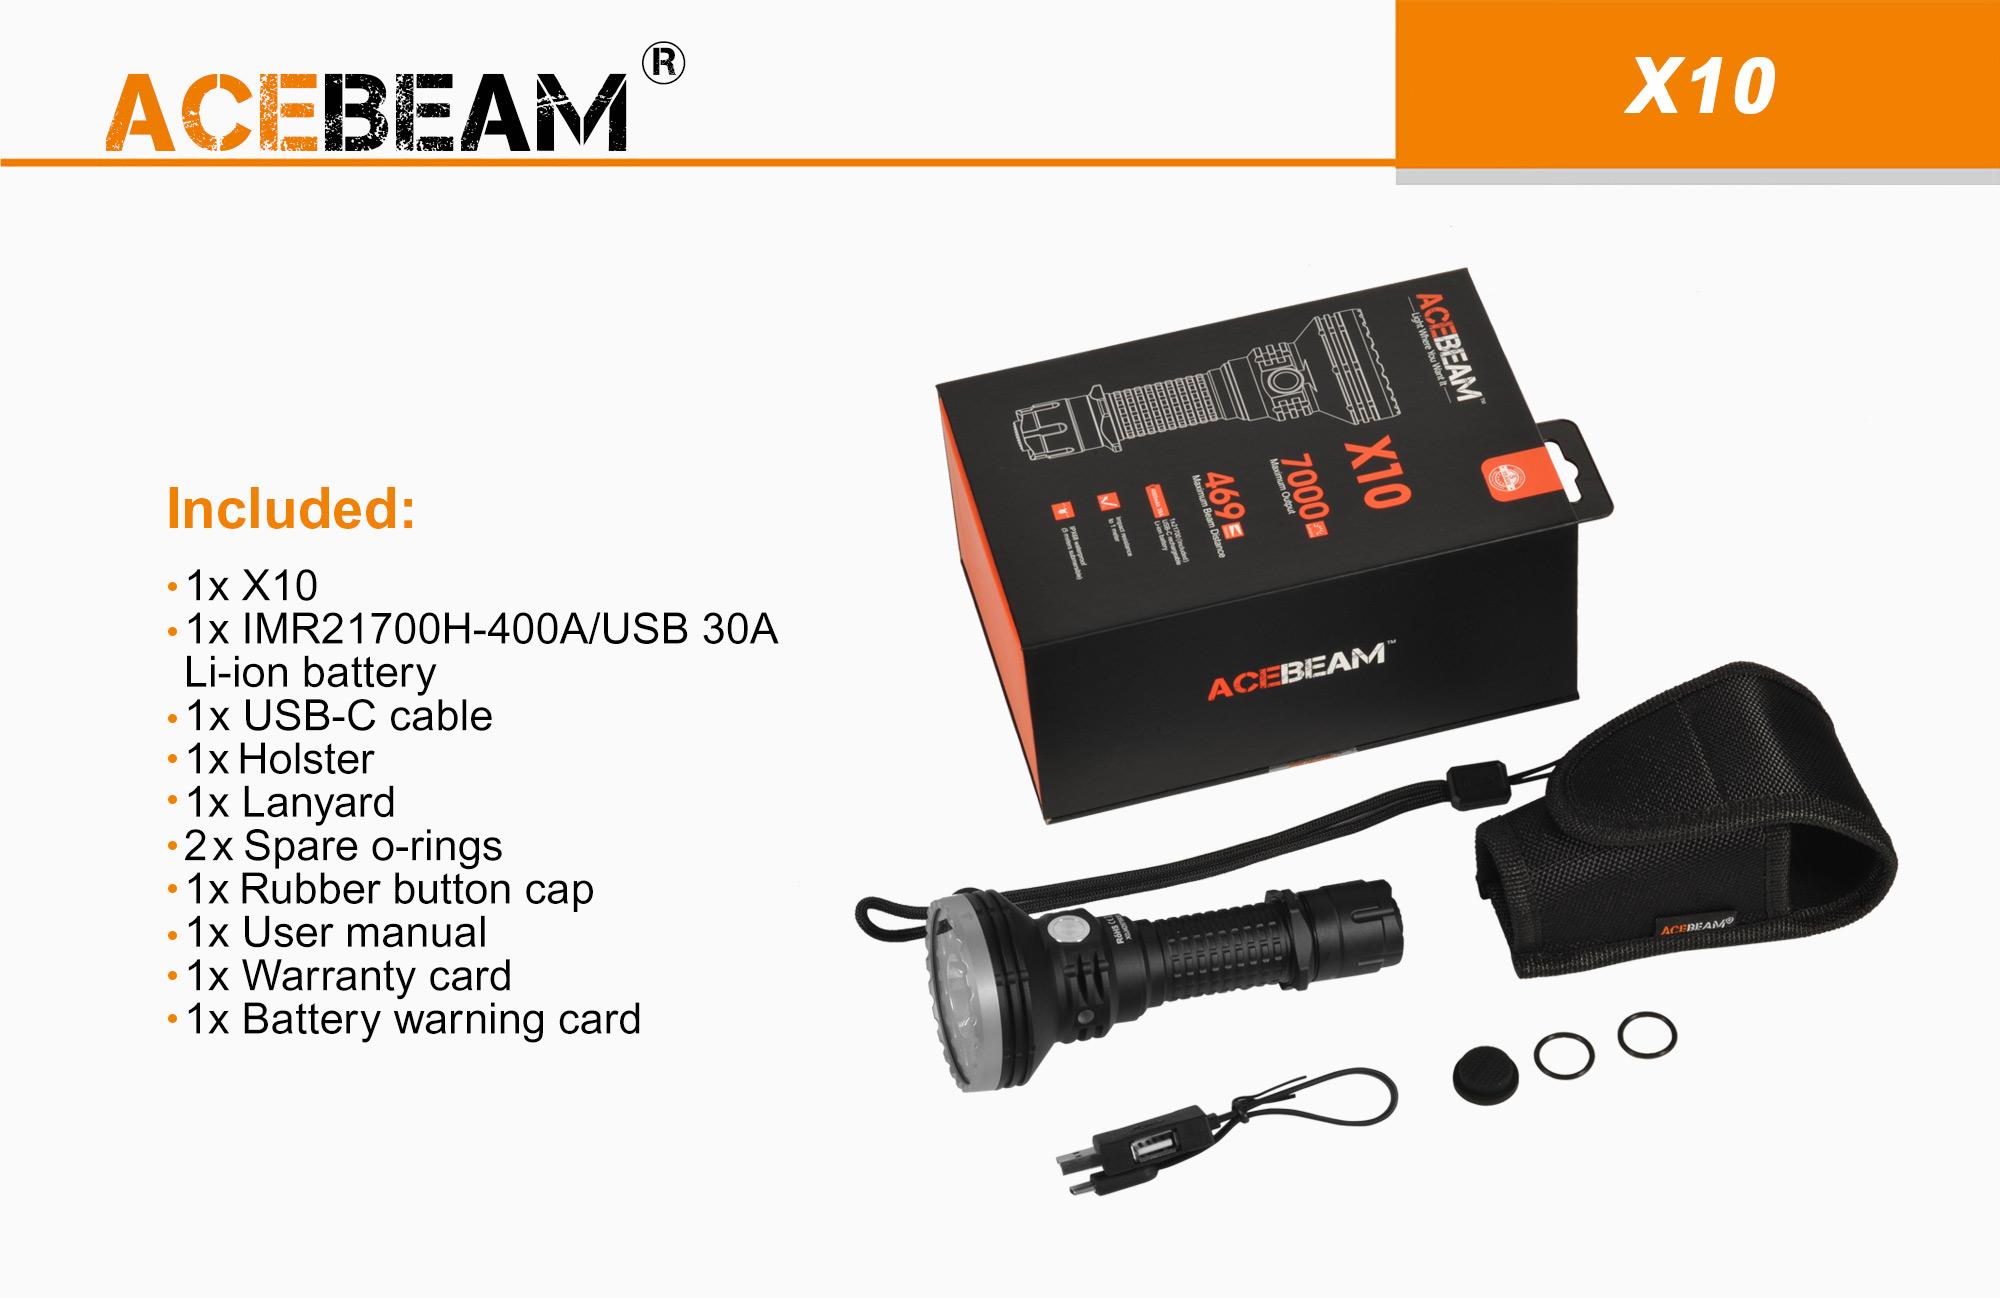 ACEBEAM-X10